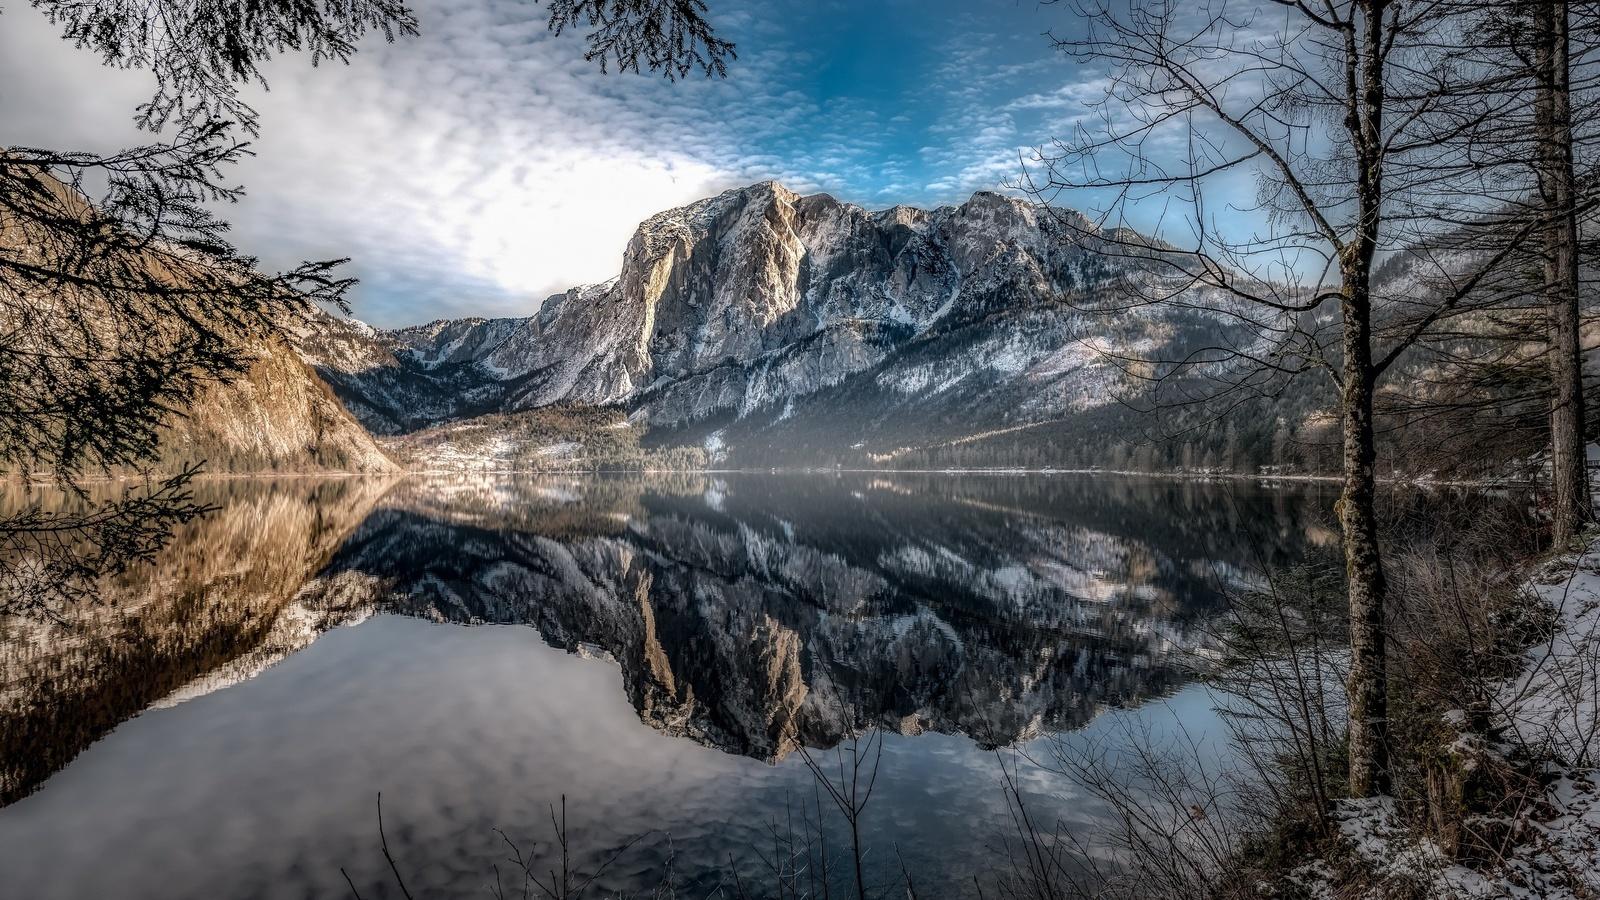 австрия, альтаусзее, горы, деревья, озеро, вода, отражение